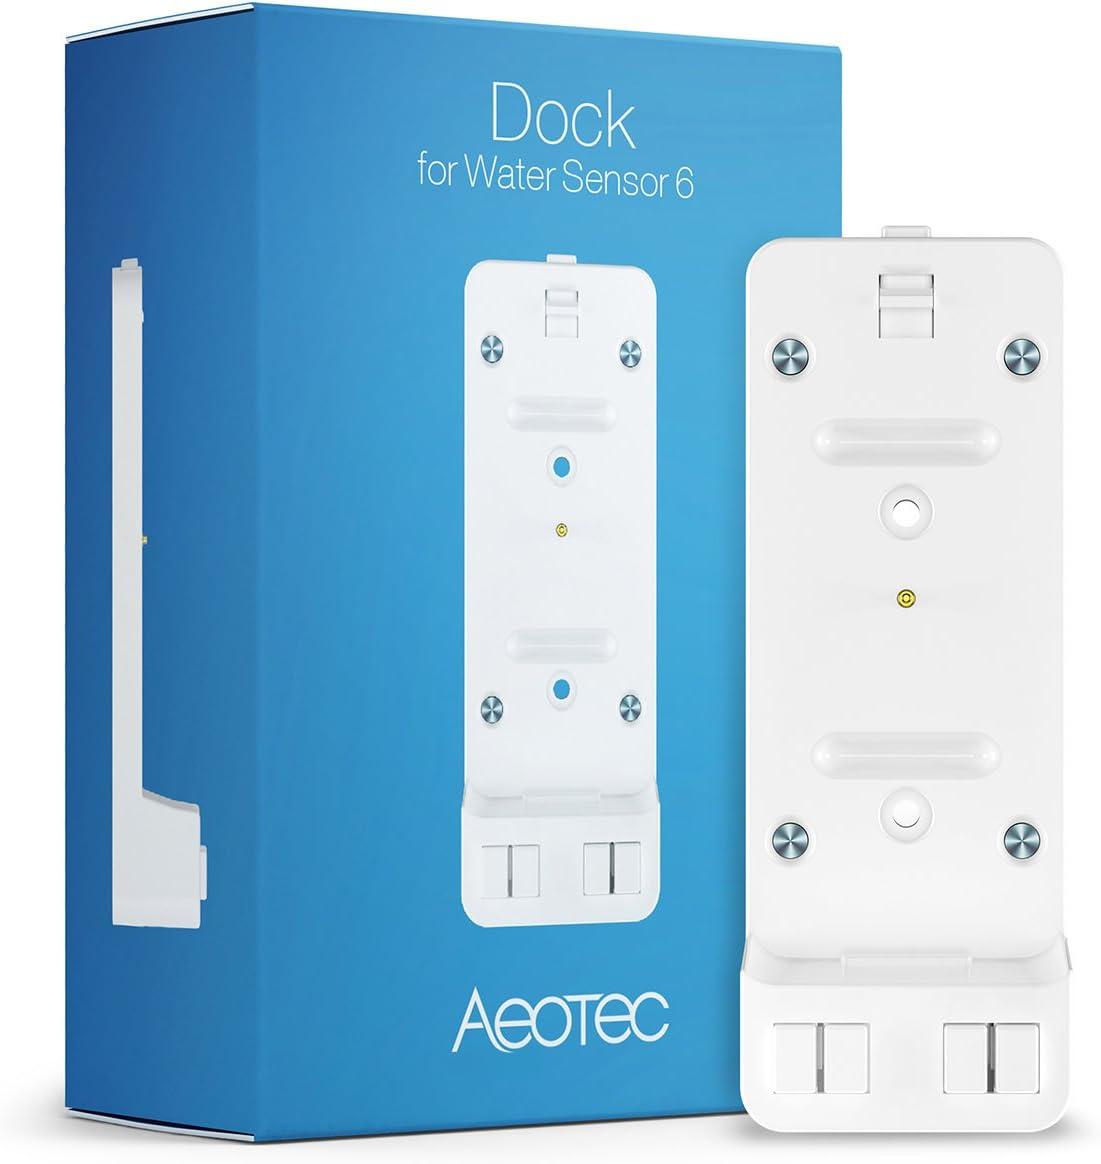 Aeotec Dock service for Zwave free Water Sensor Security Z-Wave Home Pl 6